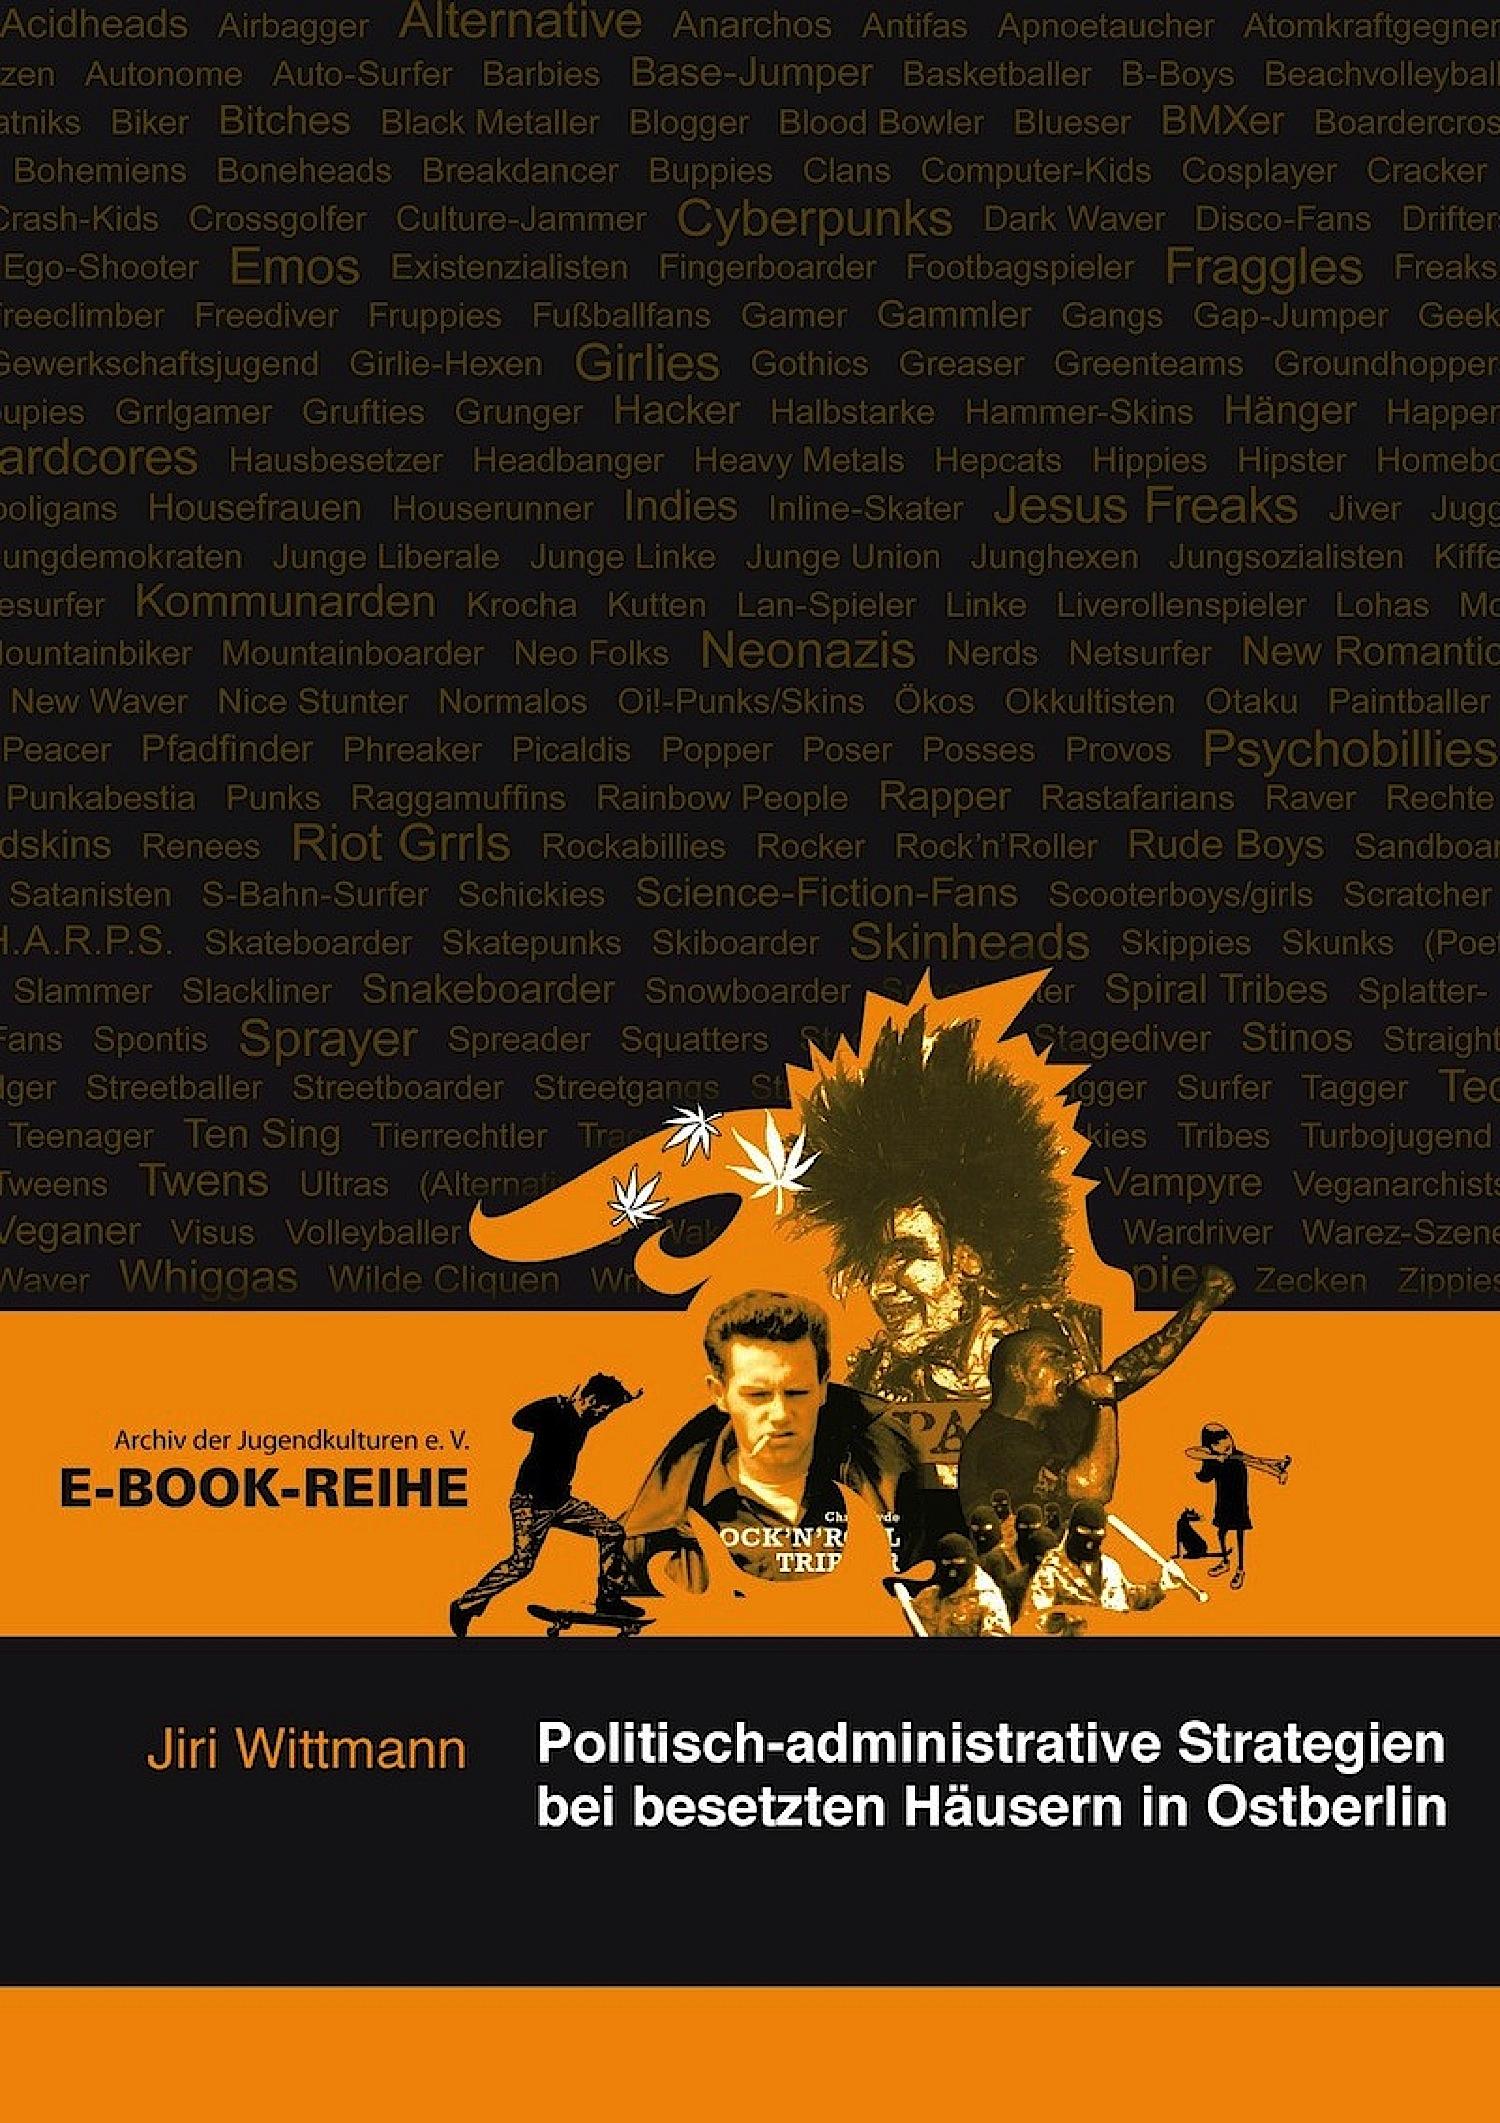 Jiri Wittmann Politisch-administrative Strategien bei besetzten Häusern in Ostberlin klaus behling mata haris in ostberlin